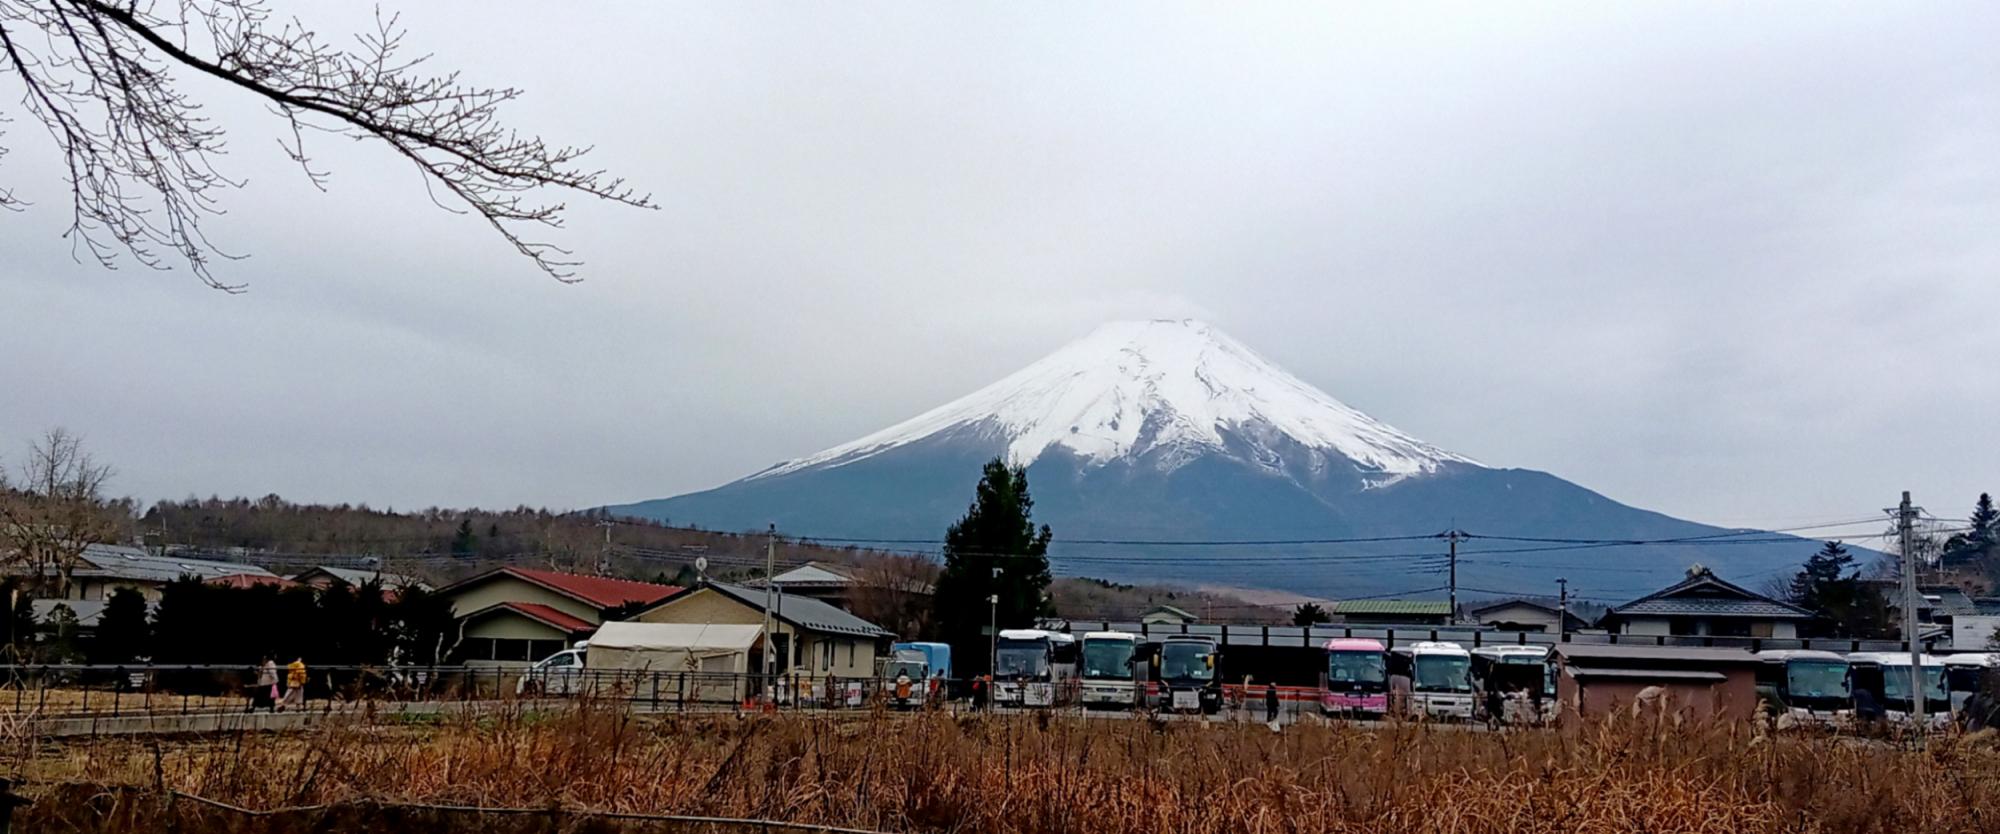 7 Cara internetan saat plesir di Jepang, biar nggak jadi fakir kuota